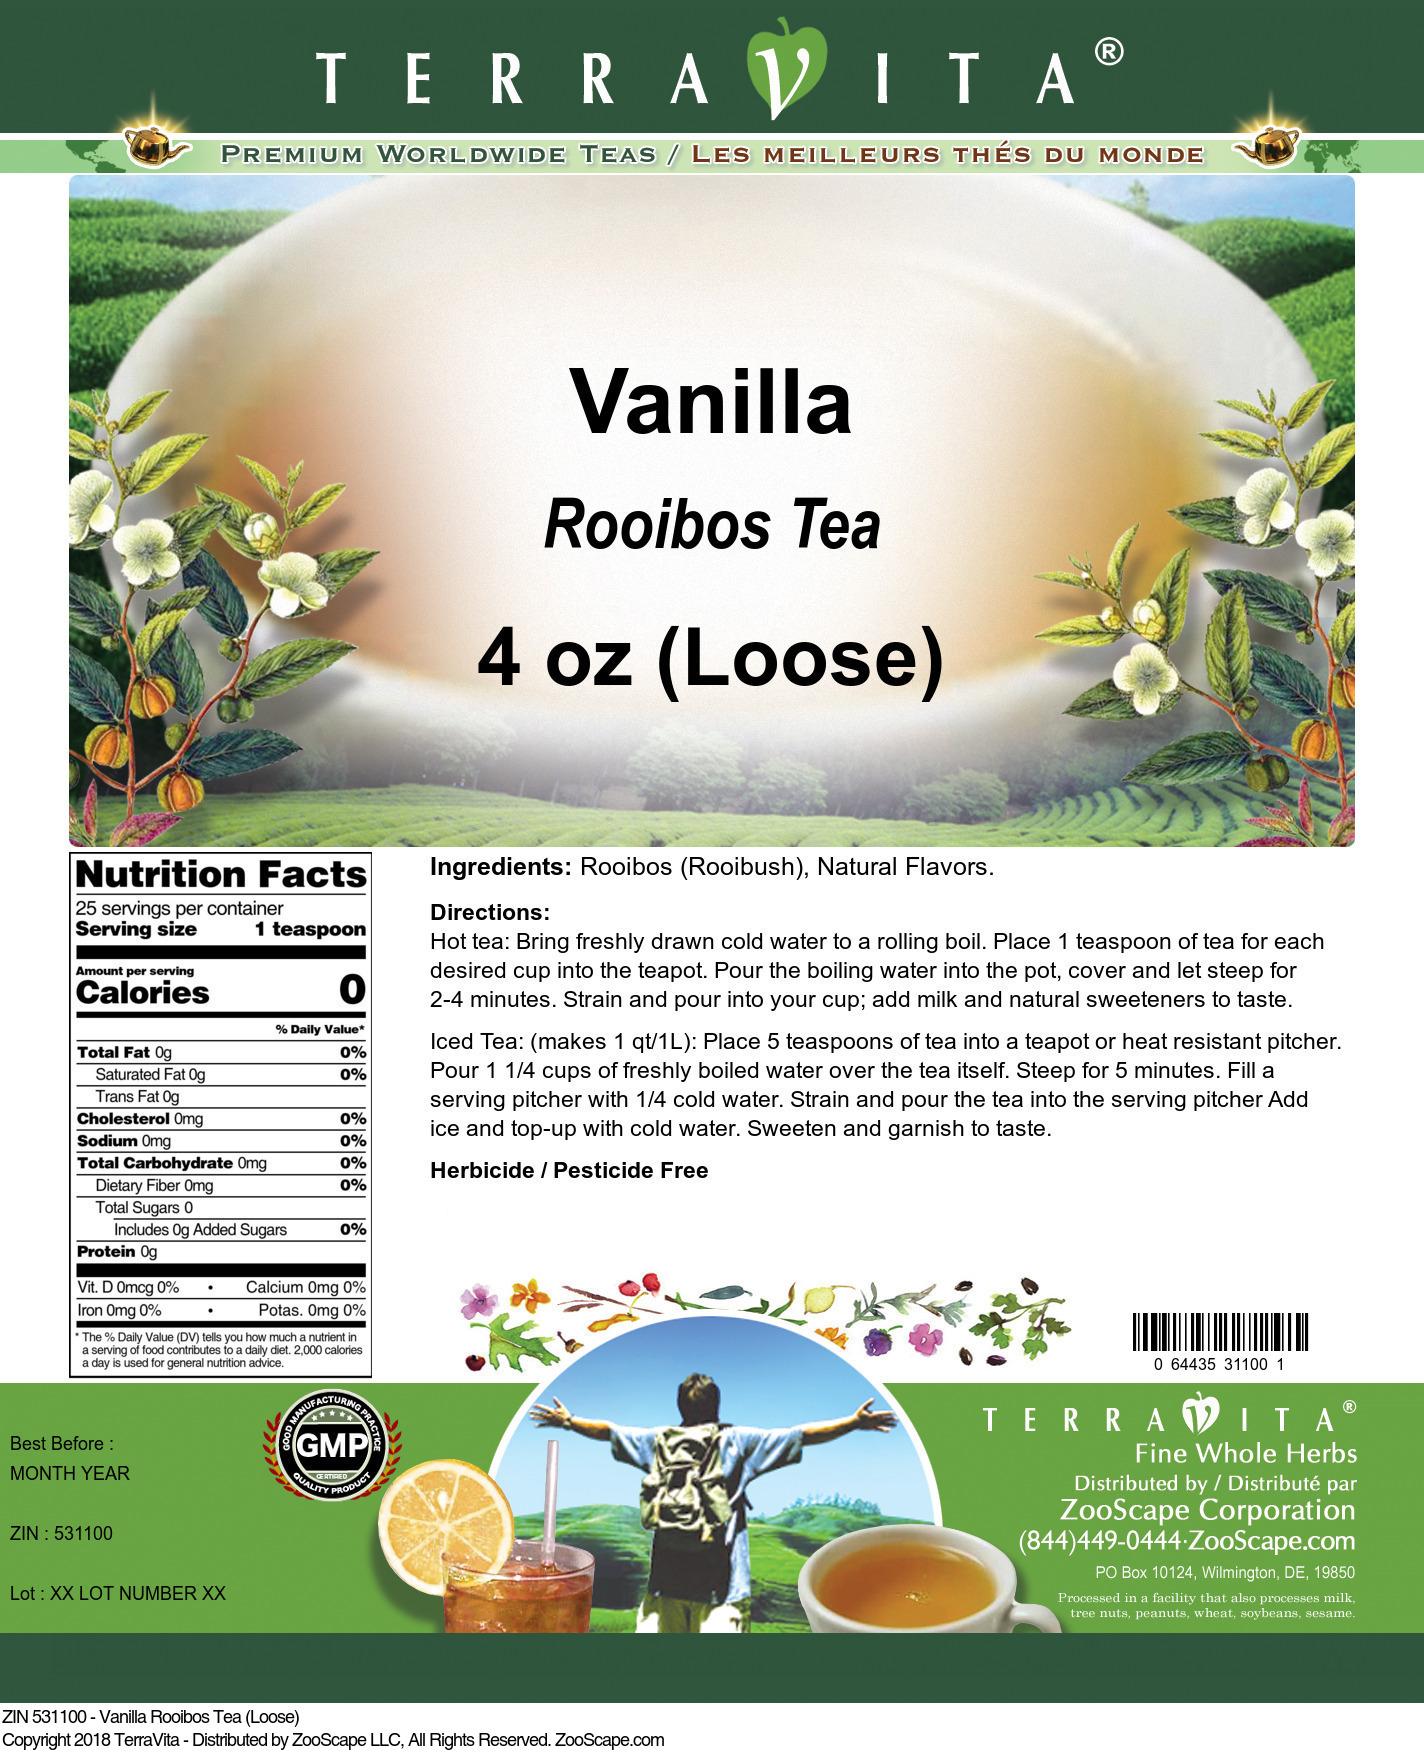 Vanilla Rooibos Tea